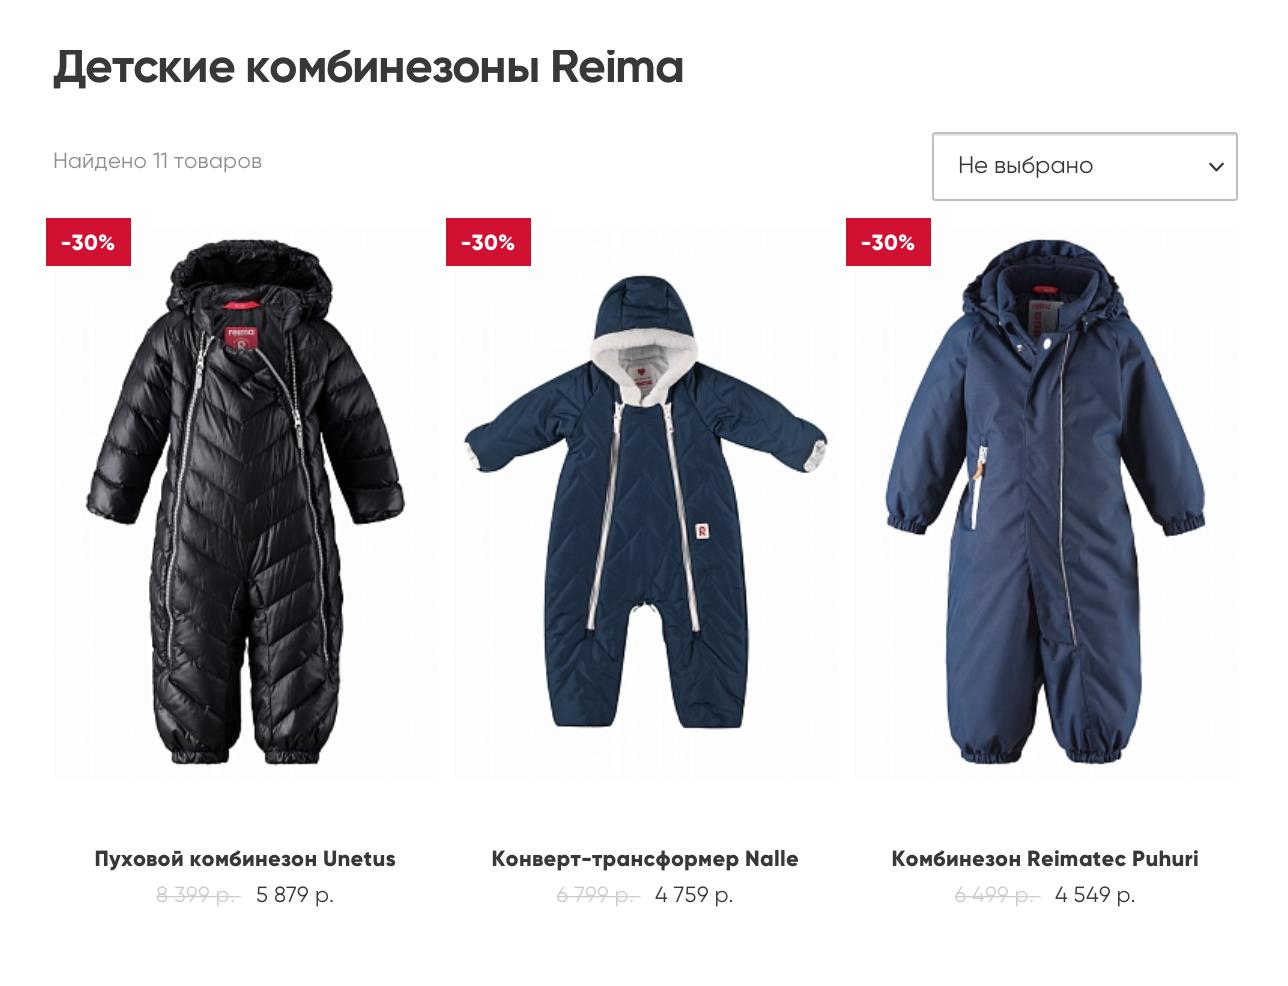 Когда я пишу эту статью, вмагазинах проходят зимние распродажи, нодаже соскидкой в50% цены назимние модели комбинезонов «Рейма» немаленькие. Источник: reimashop.ru